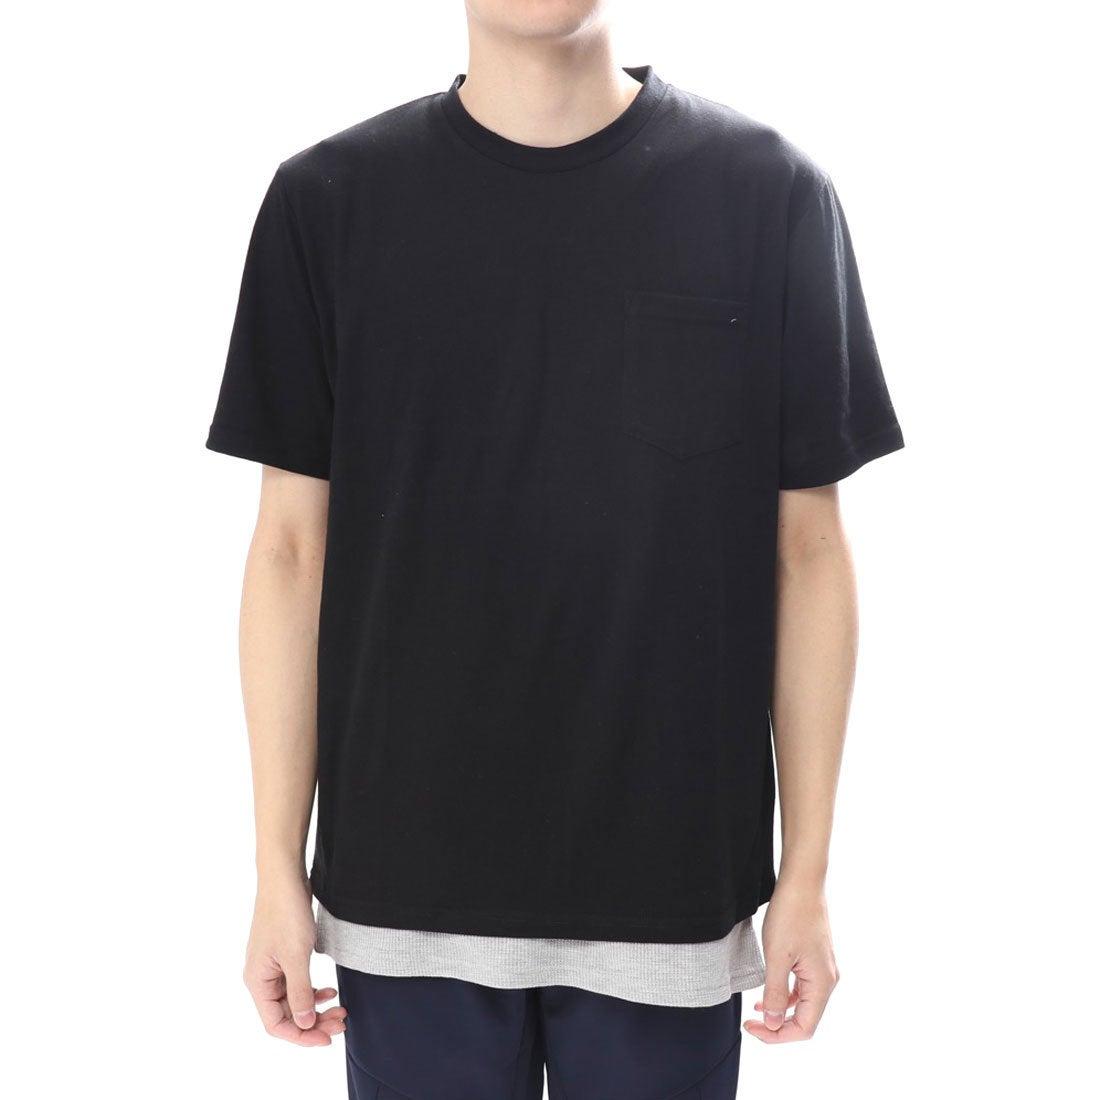 ロコンド 靴とファッションの通販サイトイグニオIGNIOメンズTシャツ(半袖)xタンクトップセット